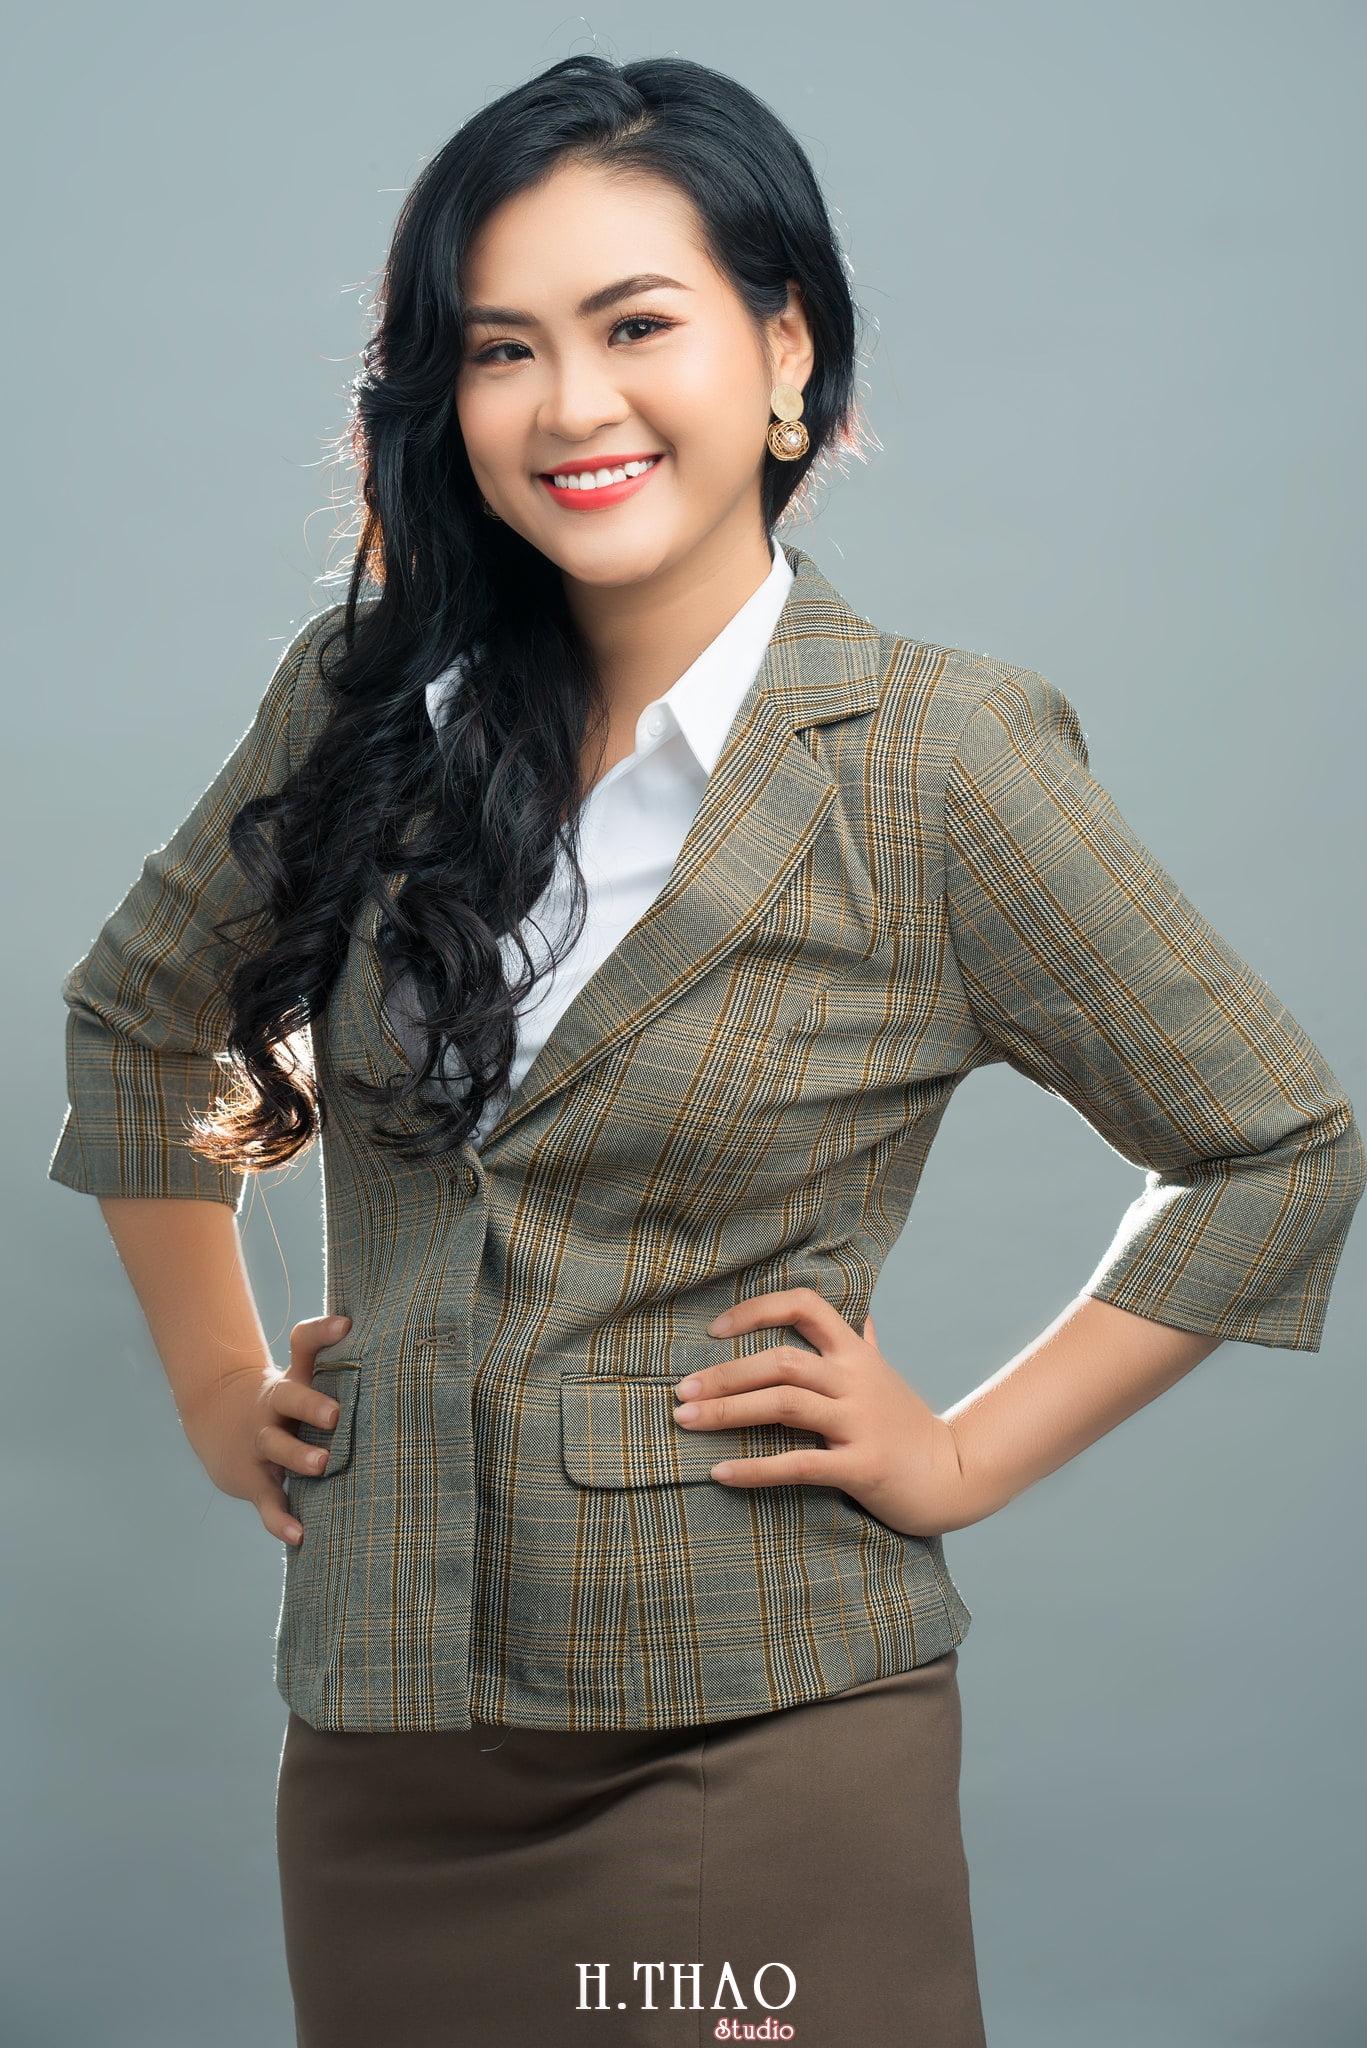 Nam Phuong 2 - Album ảnh Doanh nhân nữ xinh đẹp Nam Phương - HThao Studio